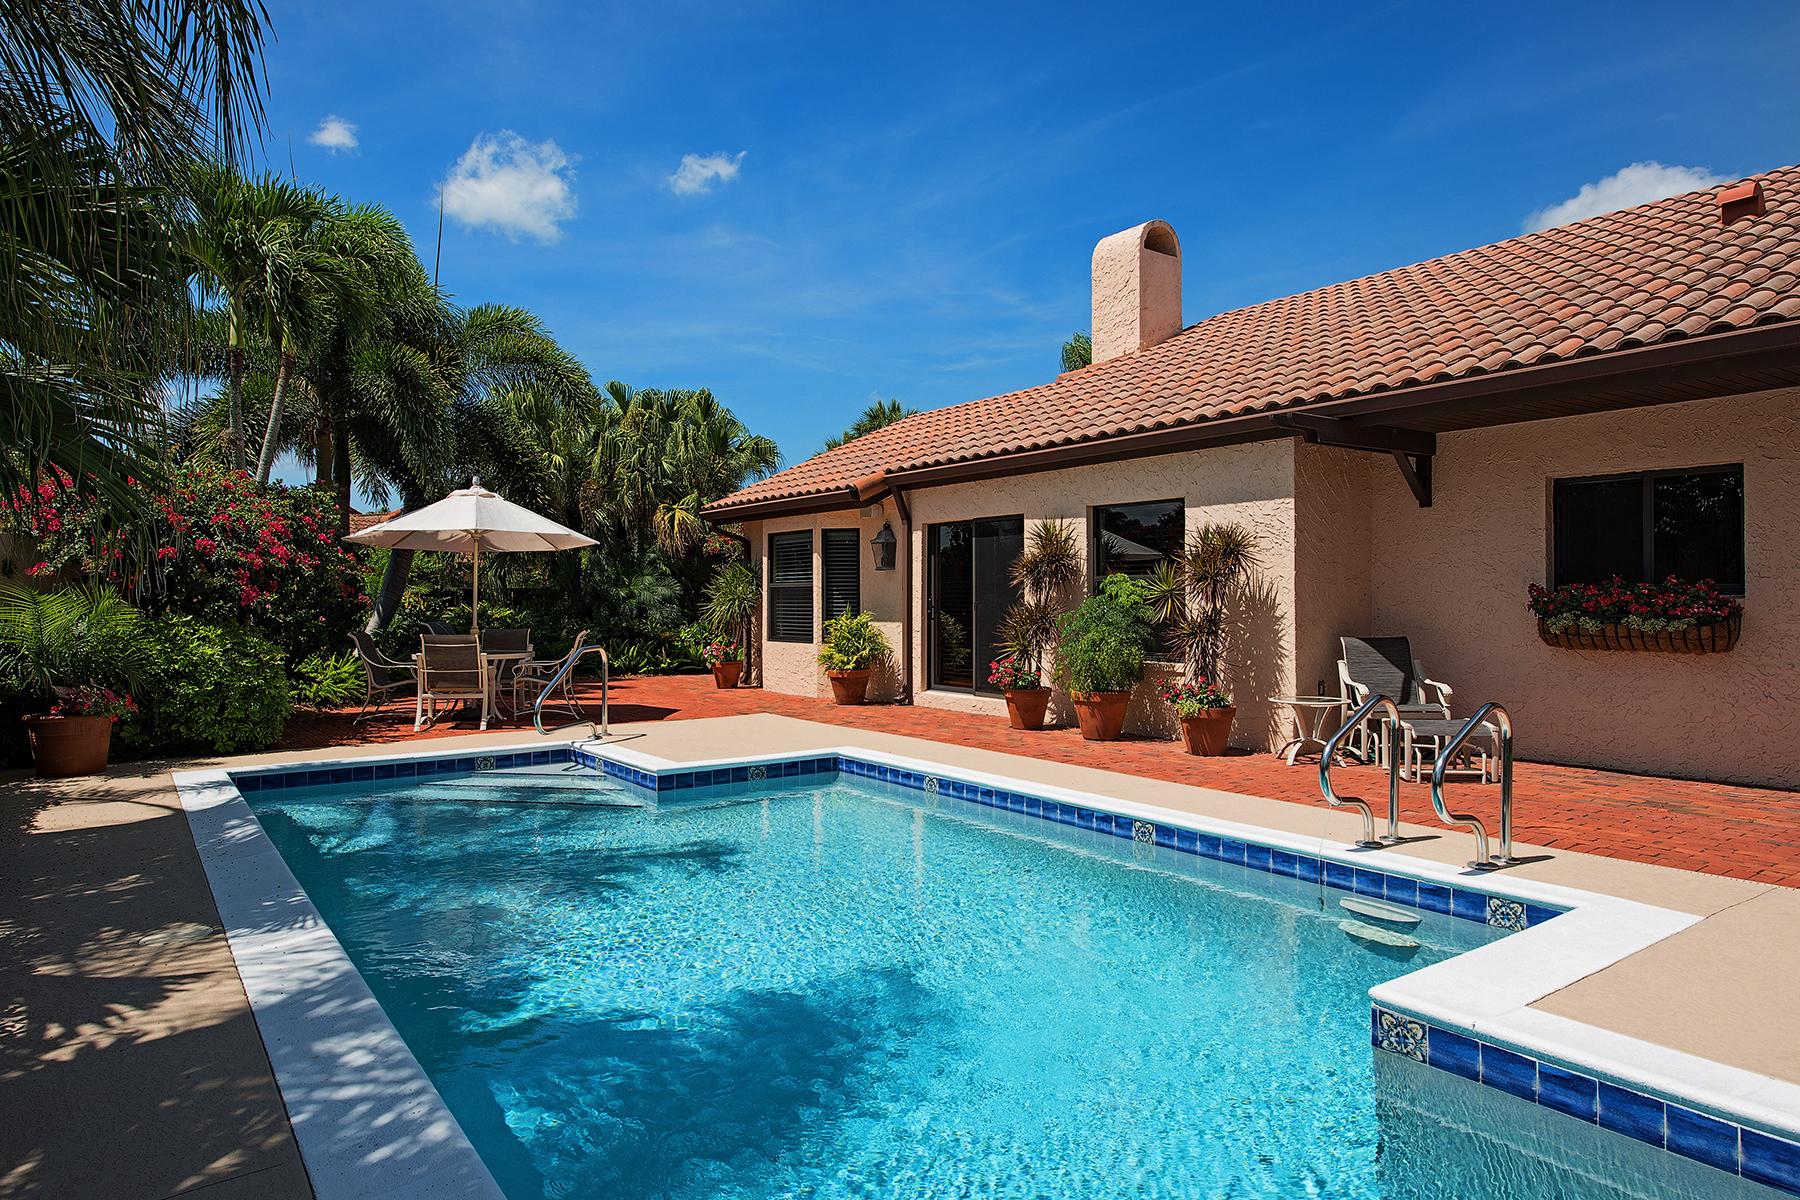 联栋屋 为 销售 在 520 Tierra Mar Ln E, Naples, FL 34108 520 Tierra Mar Ln E 6 Naples, 佛罗里达州 34108 美国